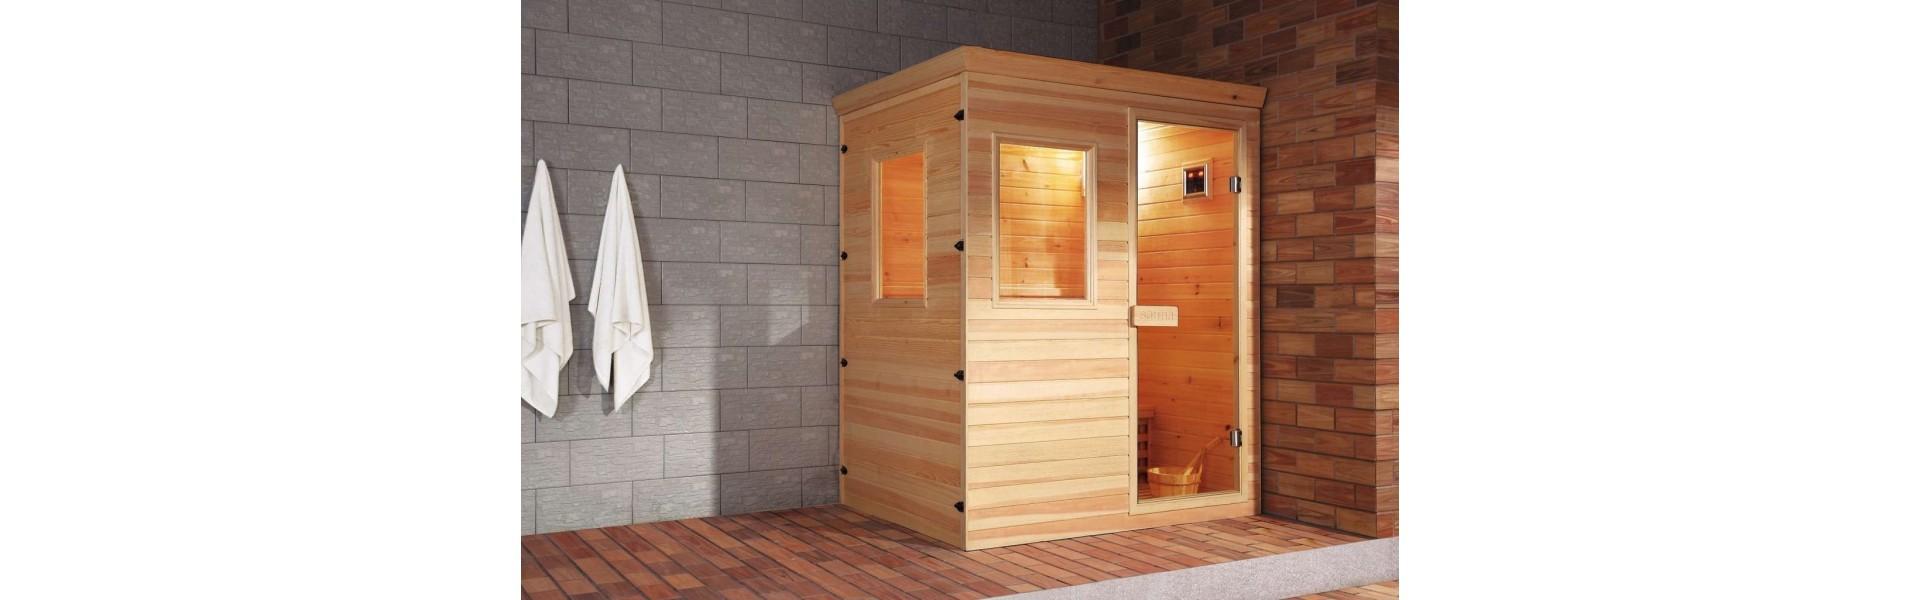 Venta de saunas en oferta saunas cl sicas con estufa - Saunas a medida ...